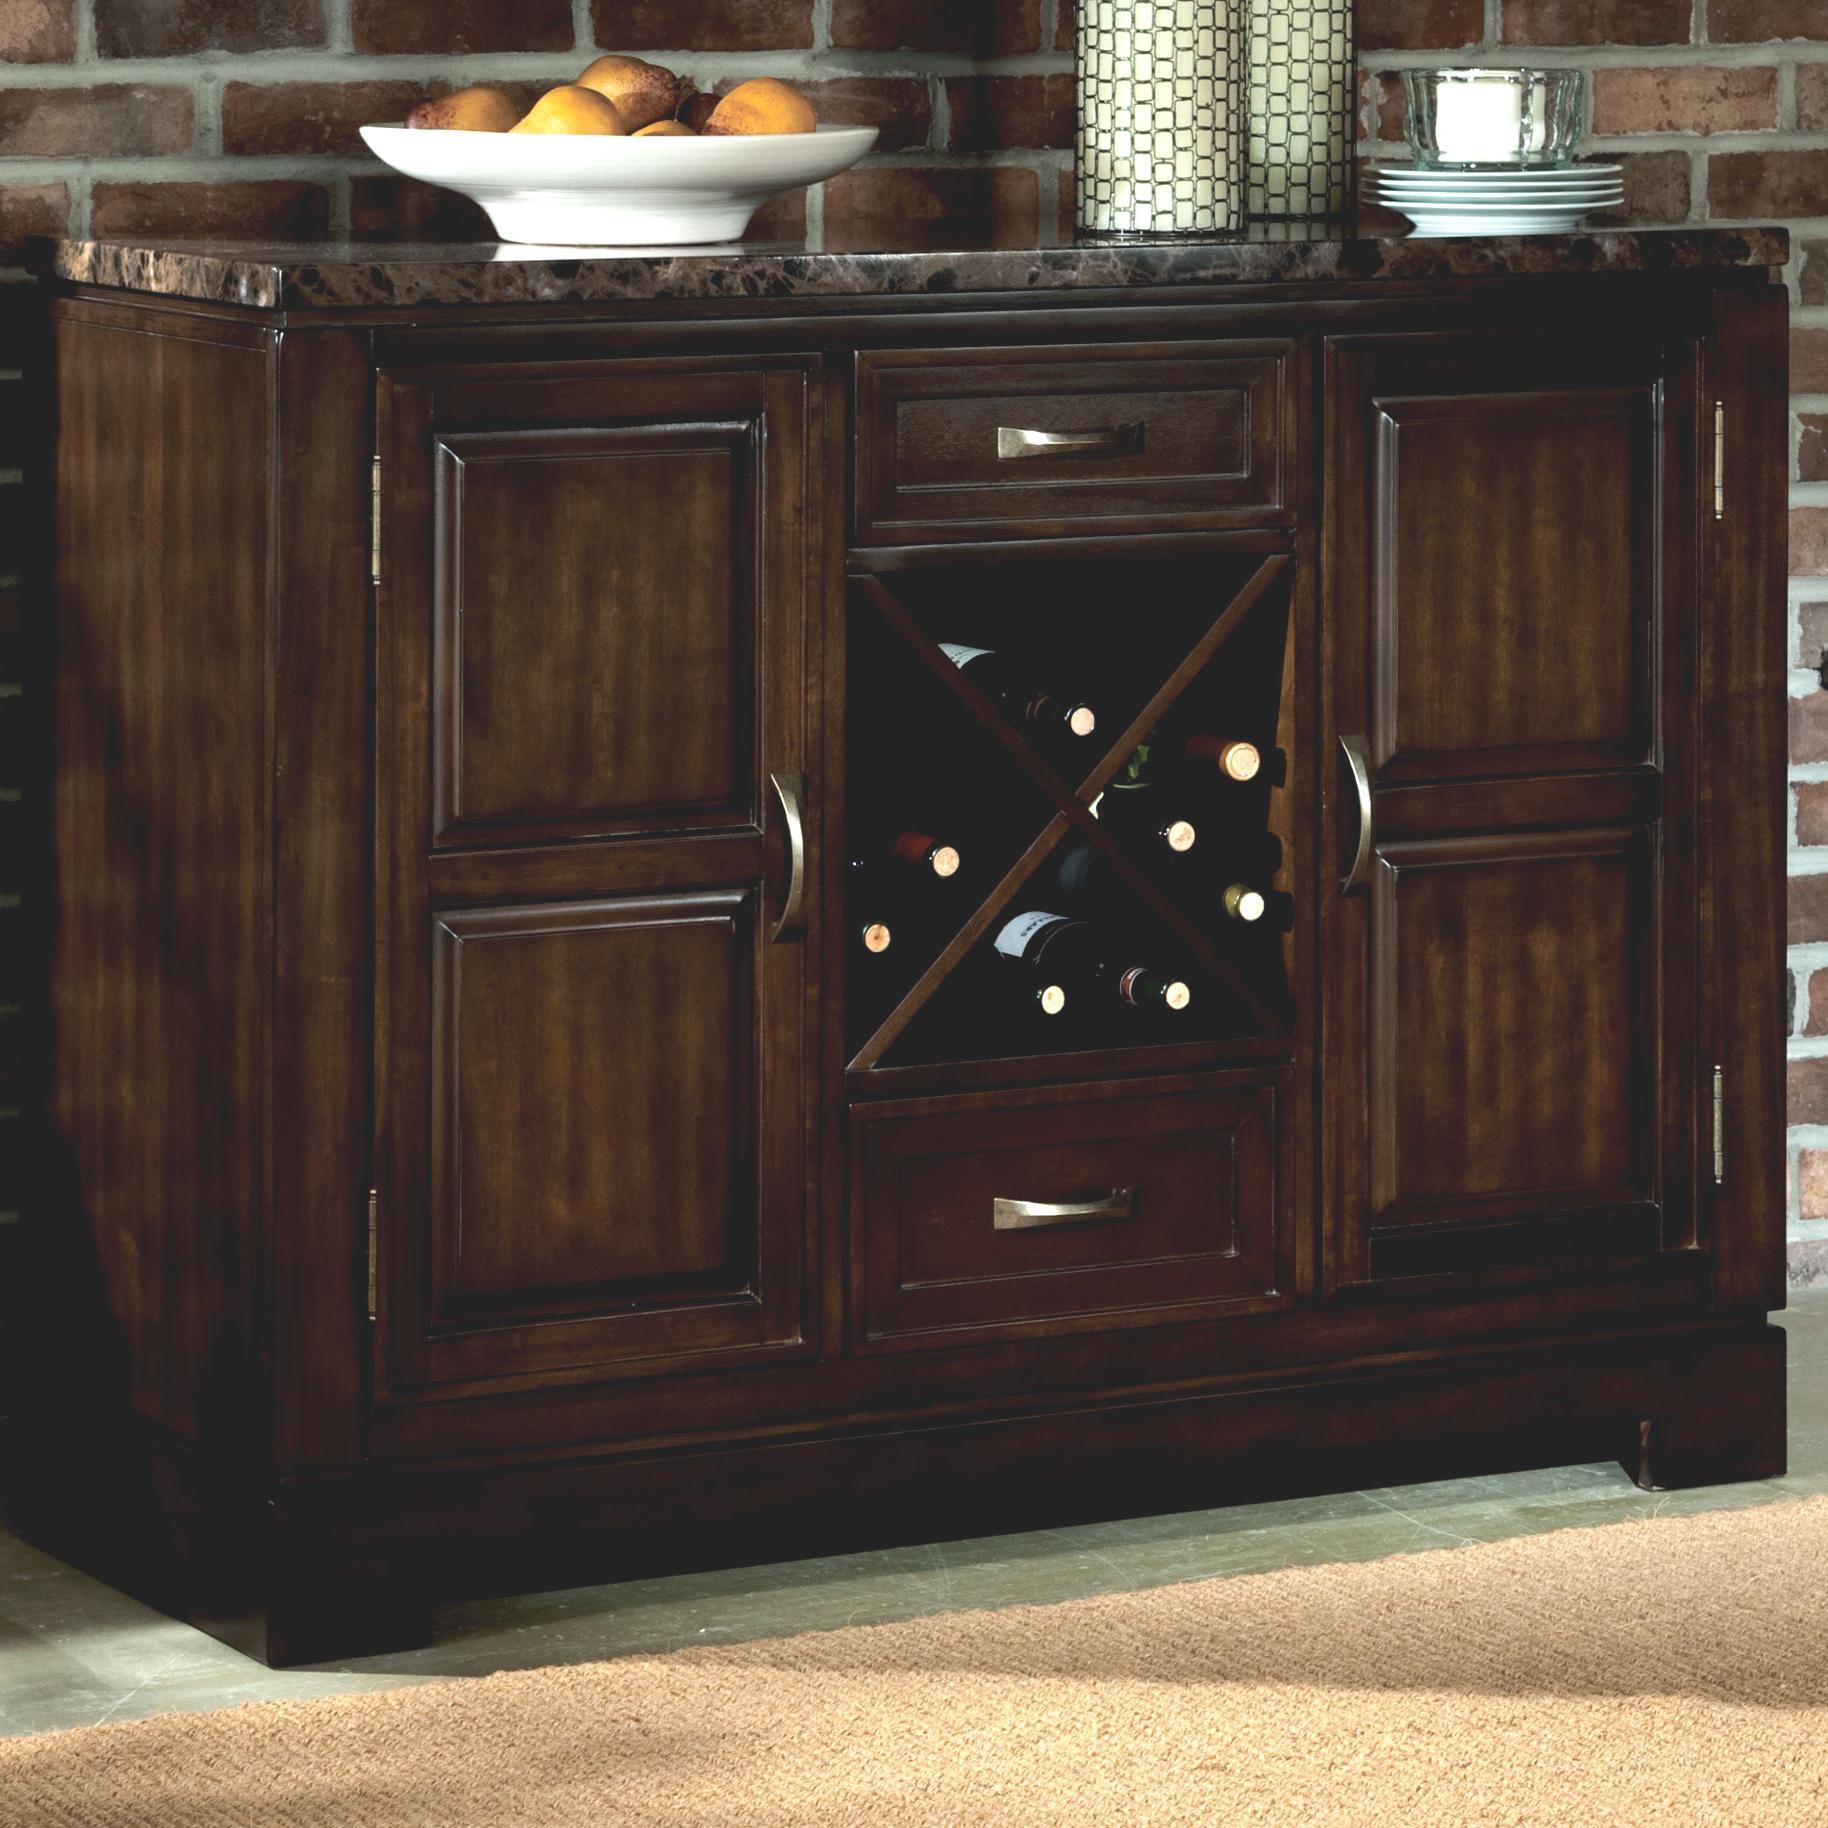 Standard Furniture Bella Server - Item Number: 16842